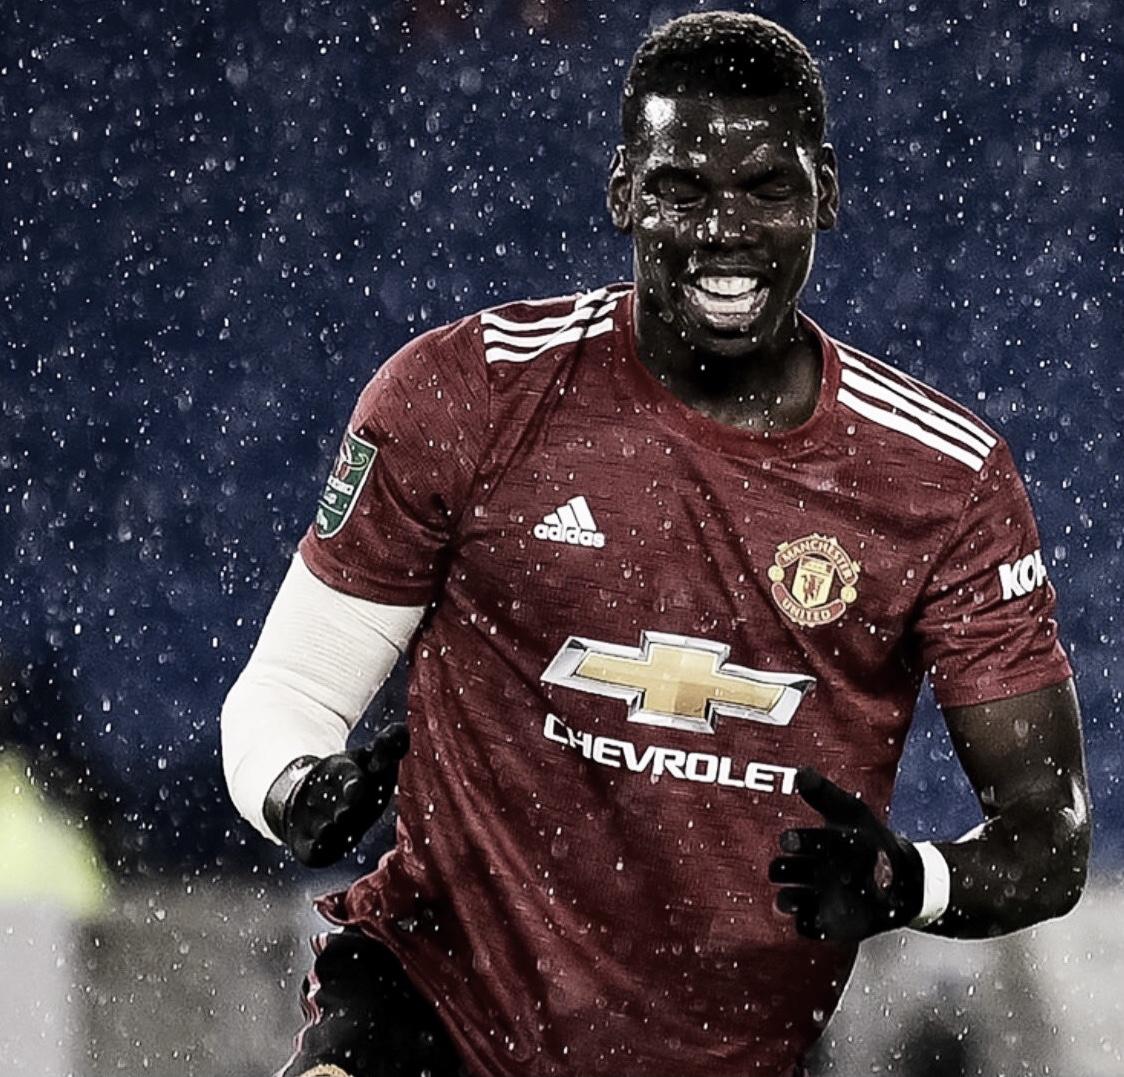 Foto: Reprodução Manchester United FC